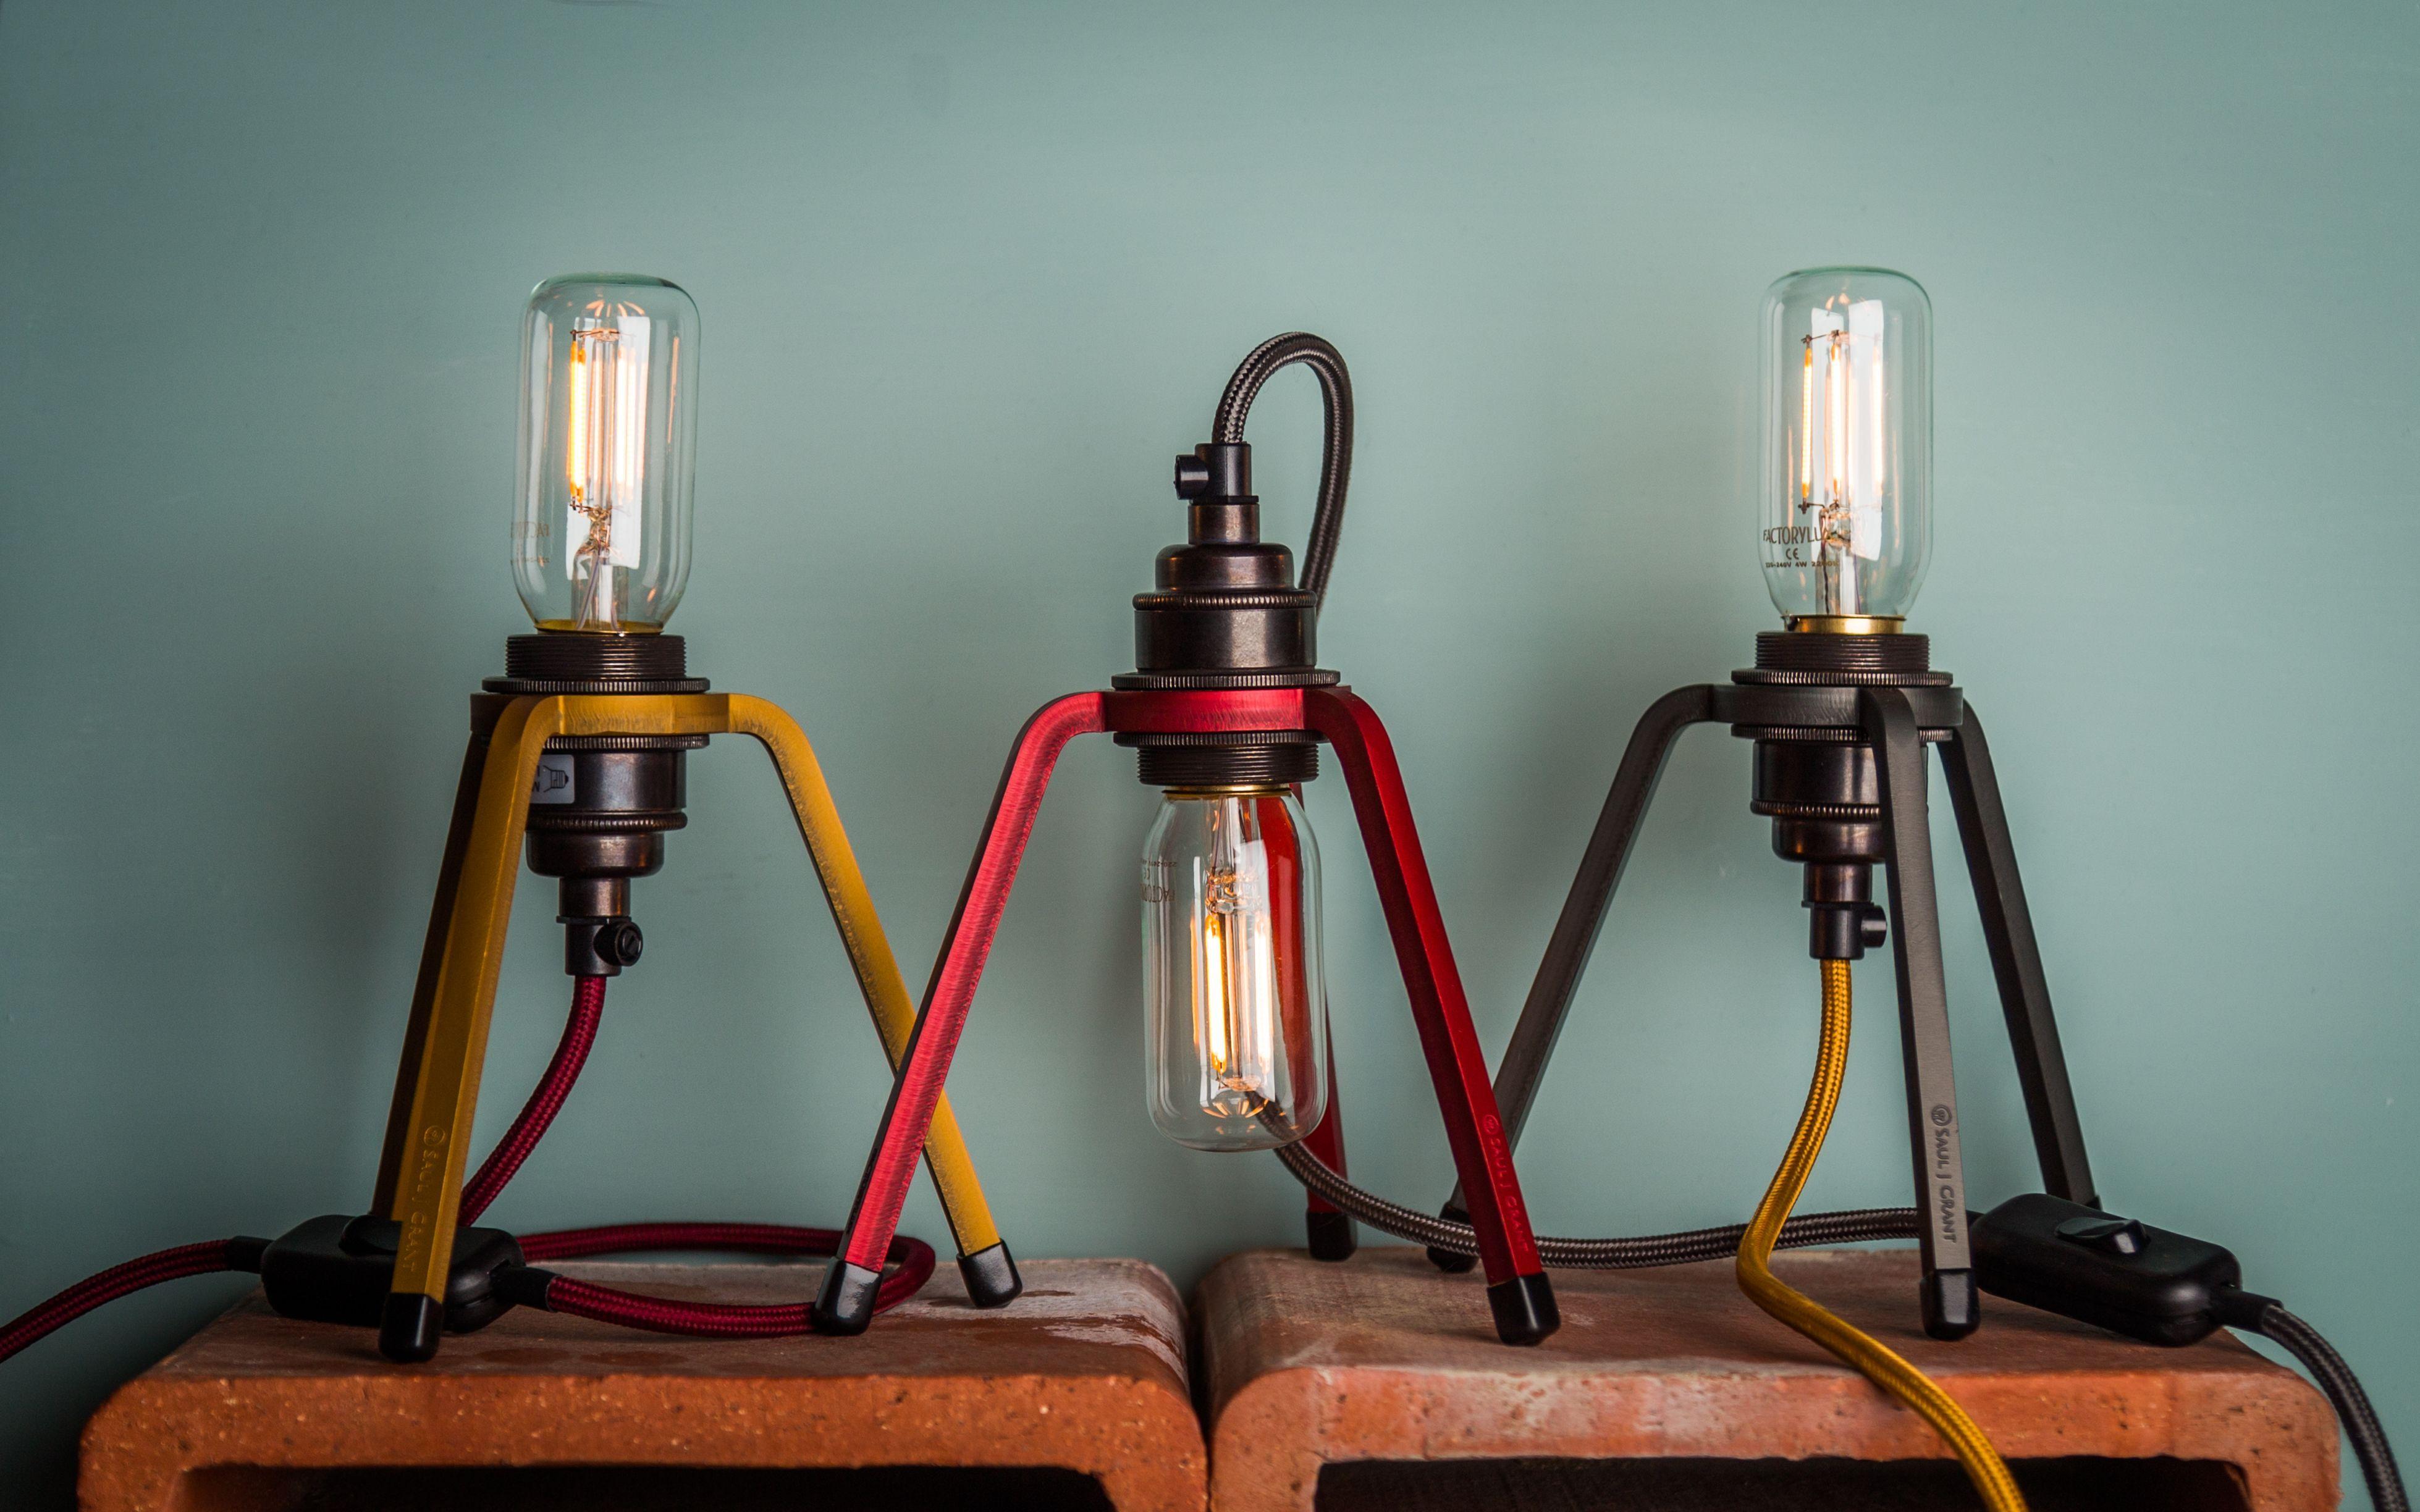 Phage | Saul J Grant x Factorylux | Bedside lamp, Unique